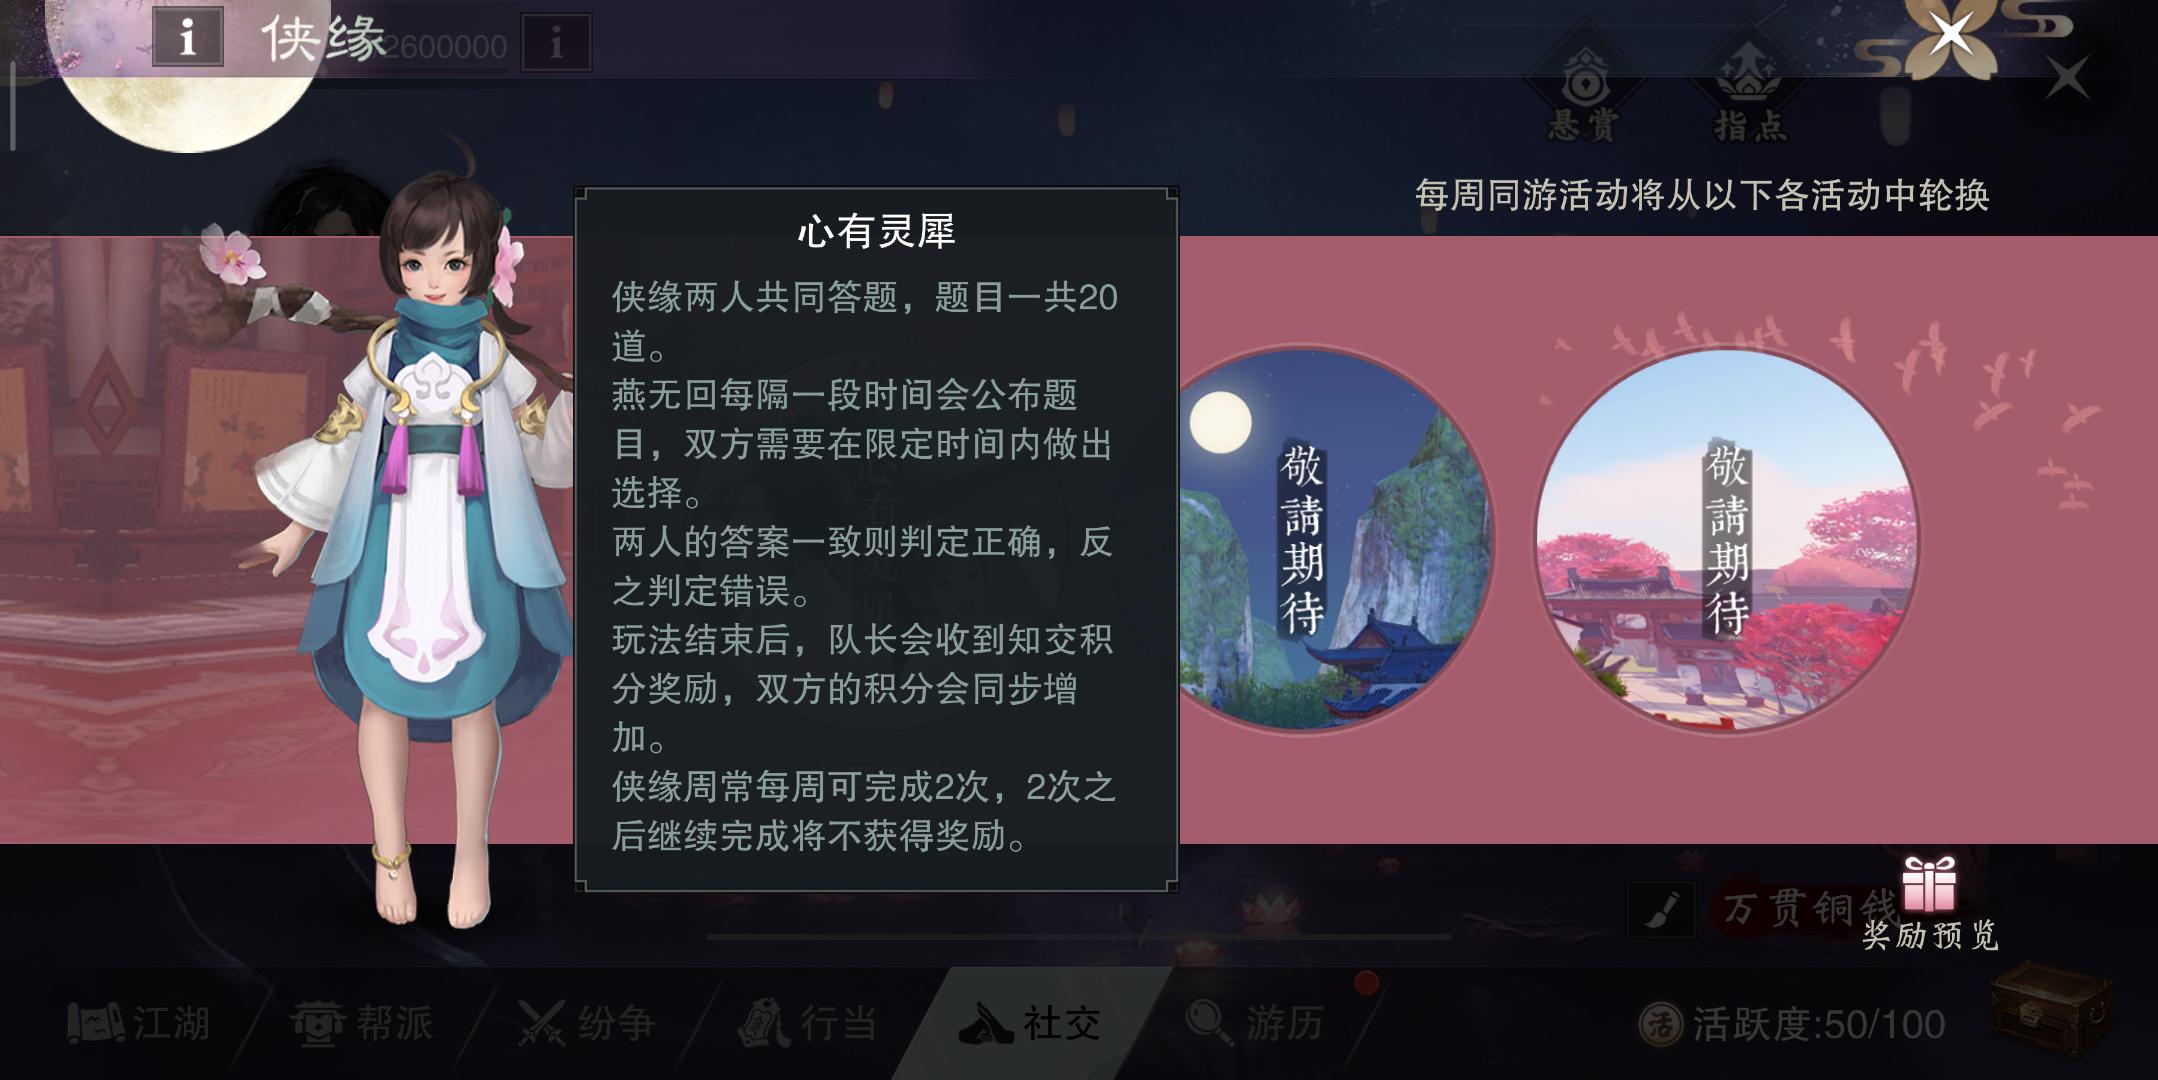 一梦江湖手游佳期共度活动怎么玩